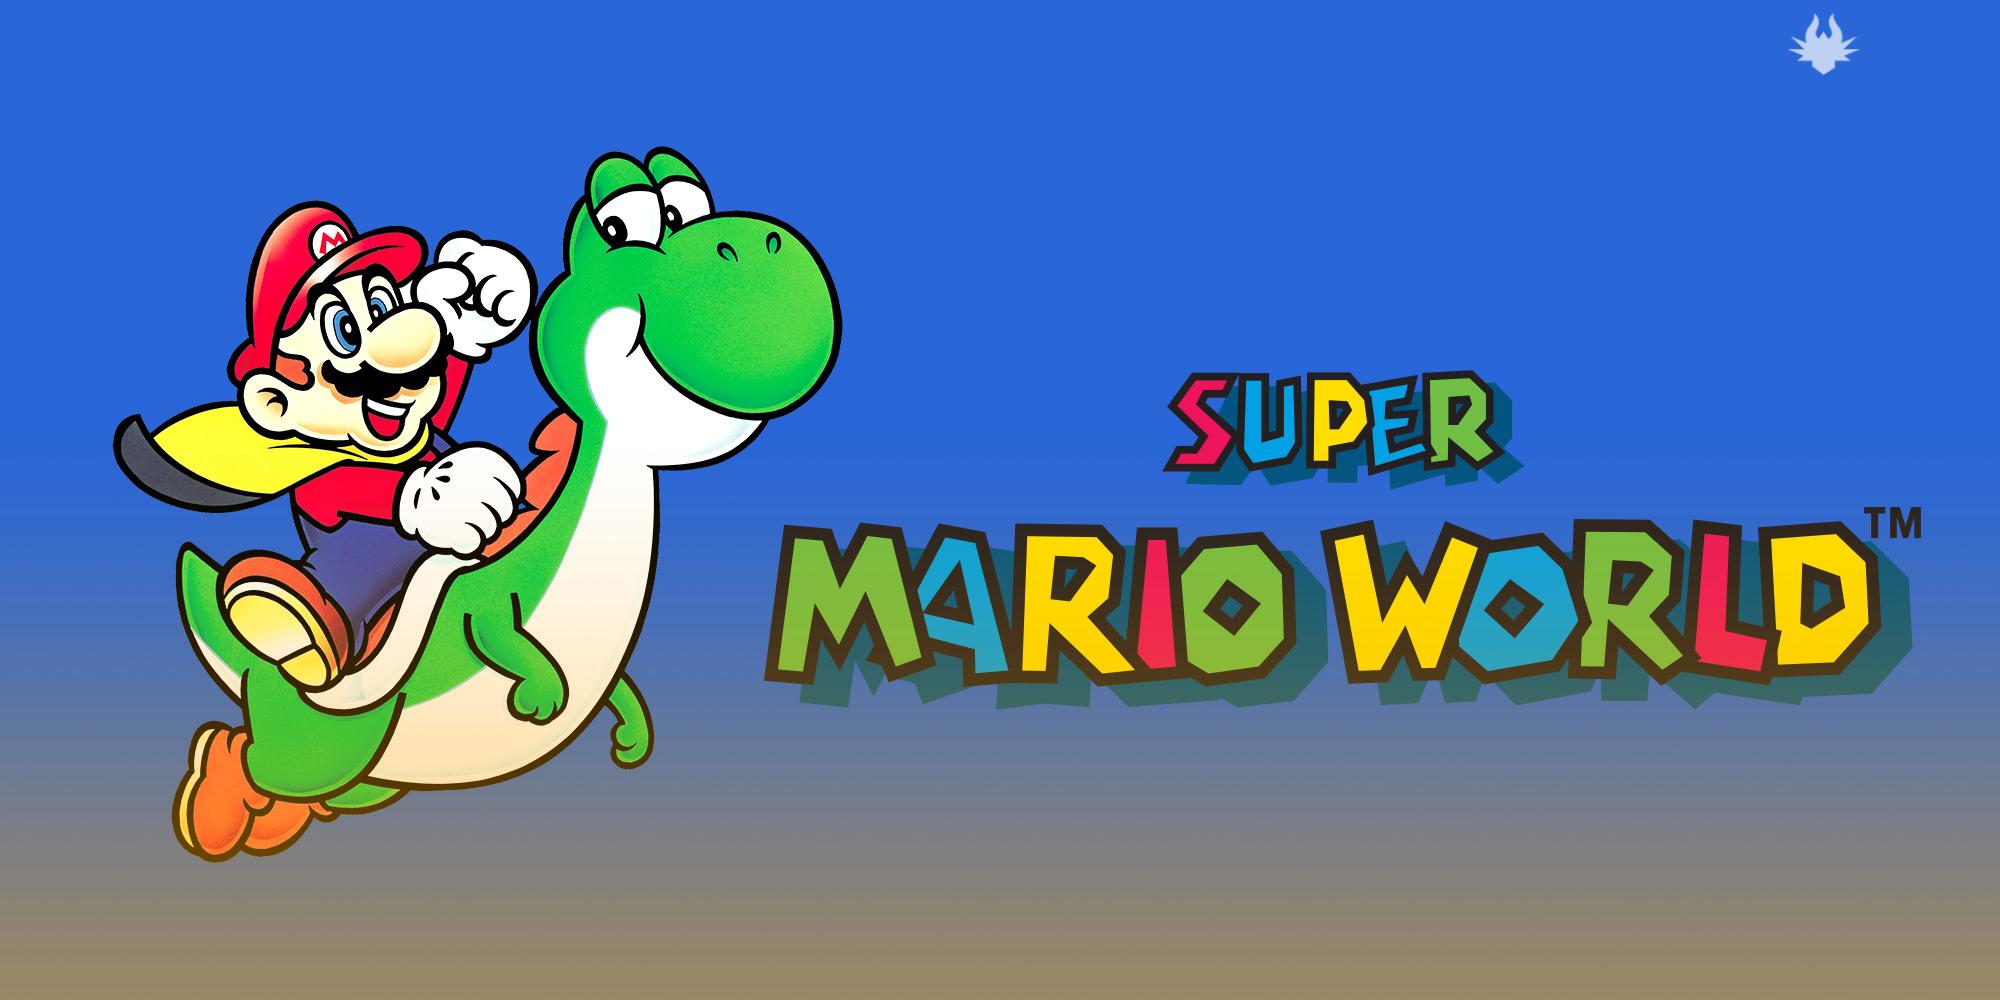 Super Mario World trilha sonora